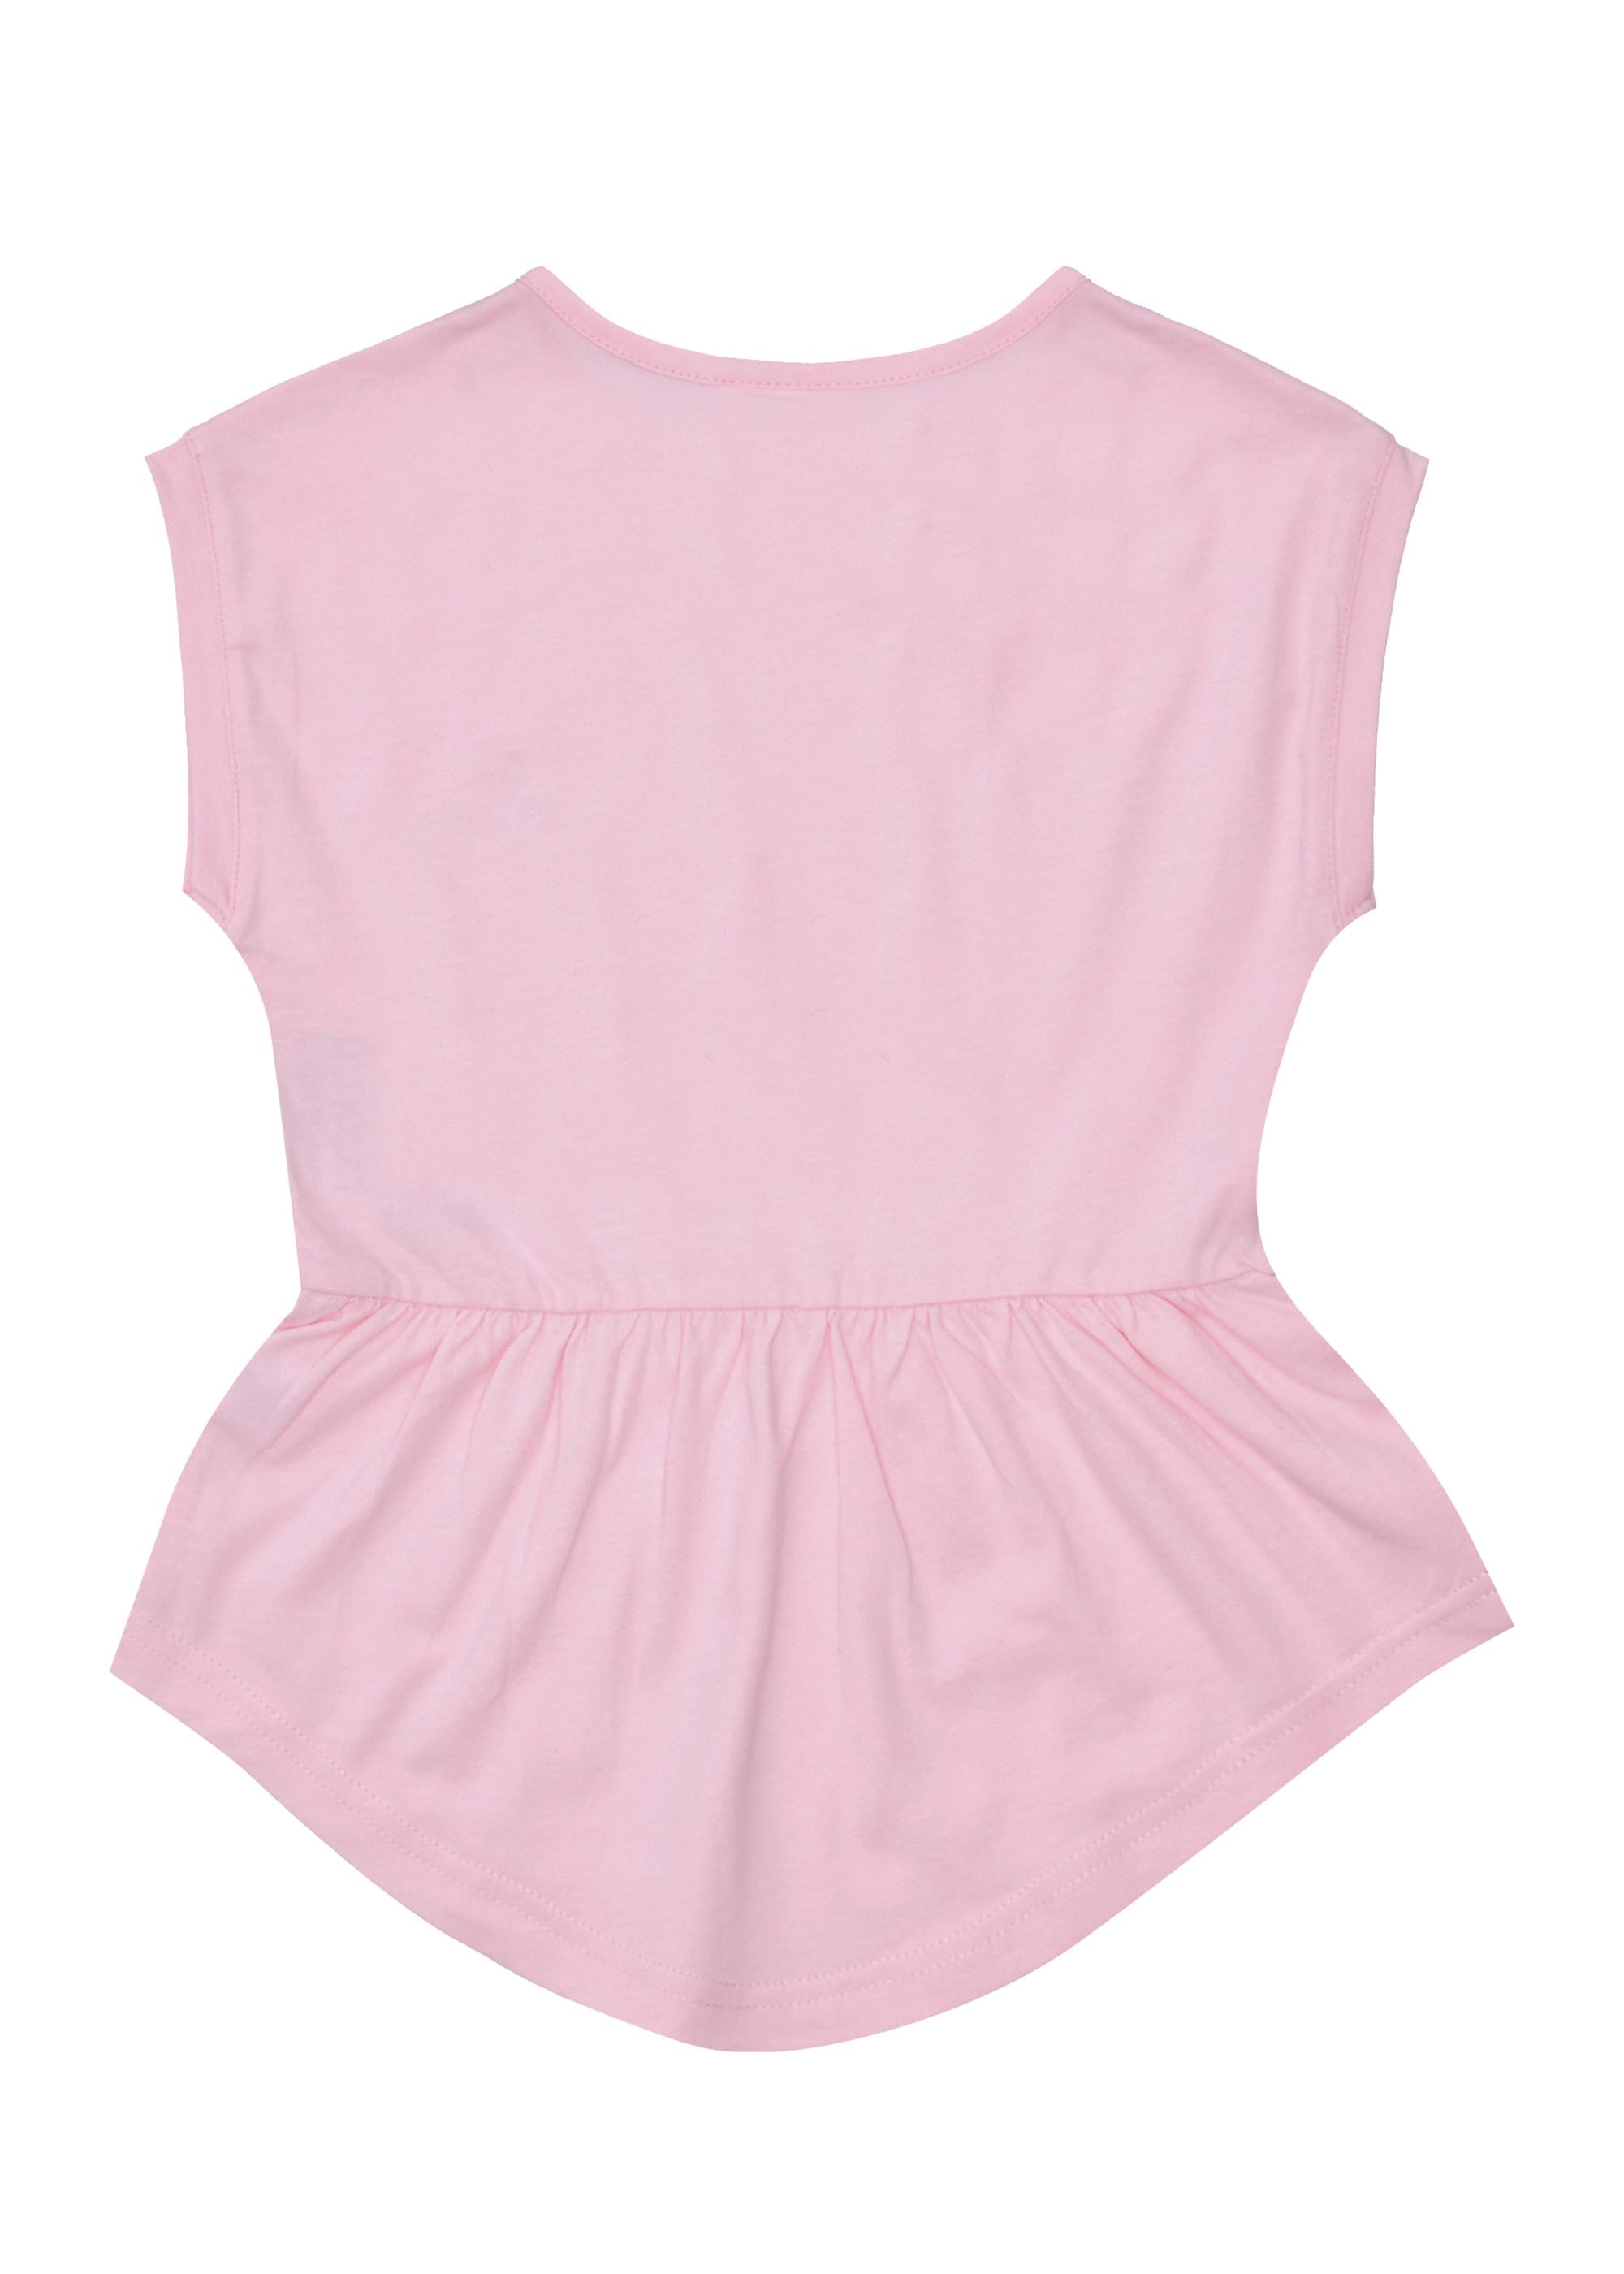 Dívčí tunika Mon Amour - růžová Navy, Růžová